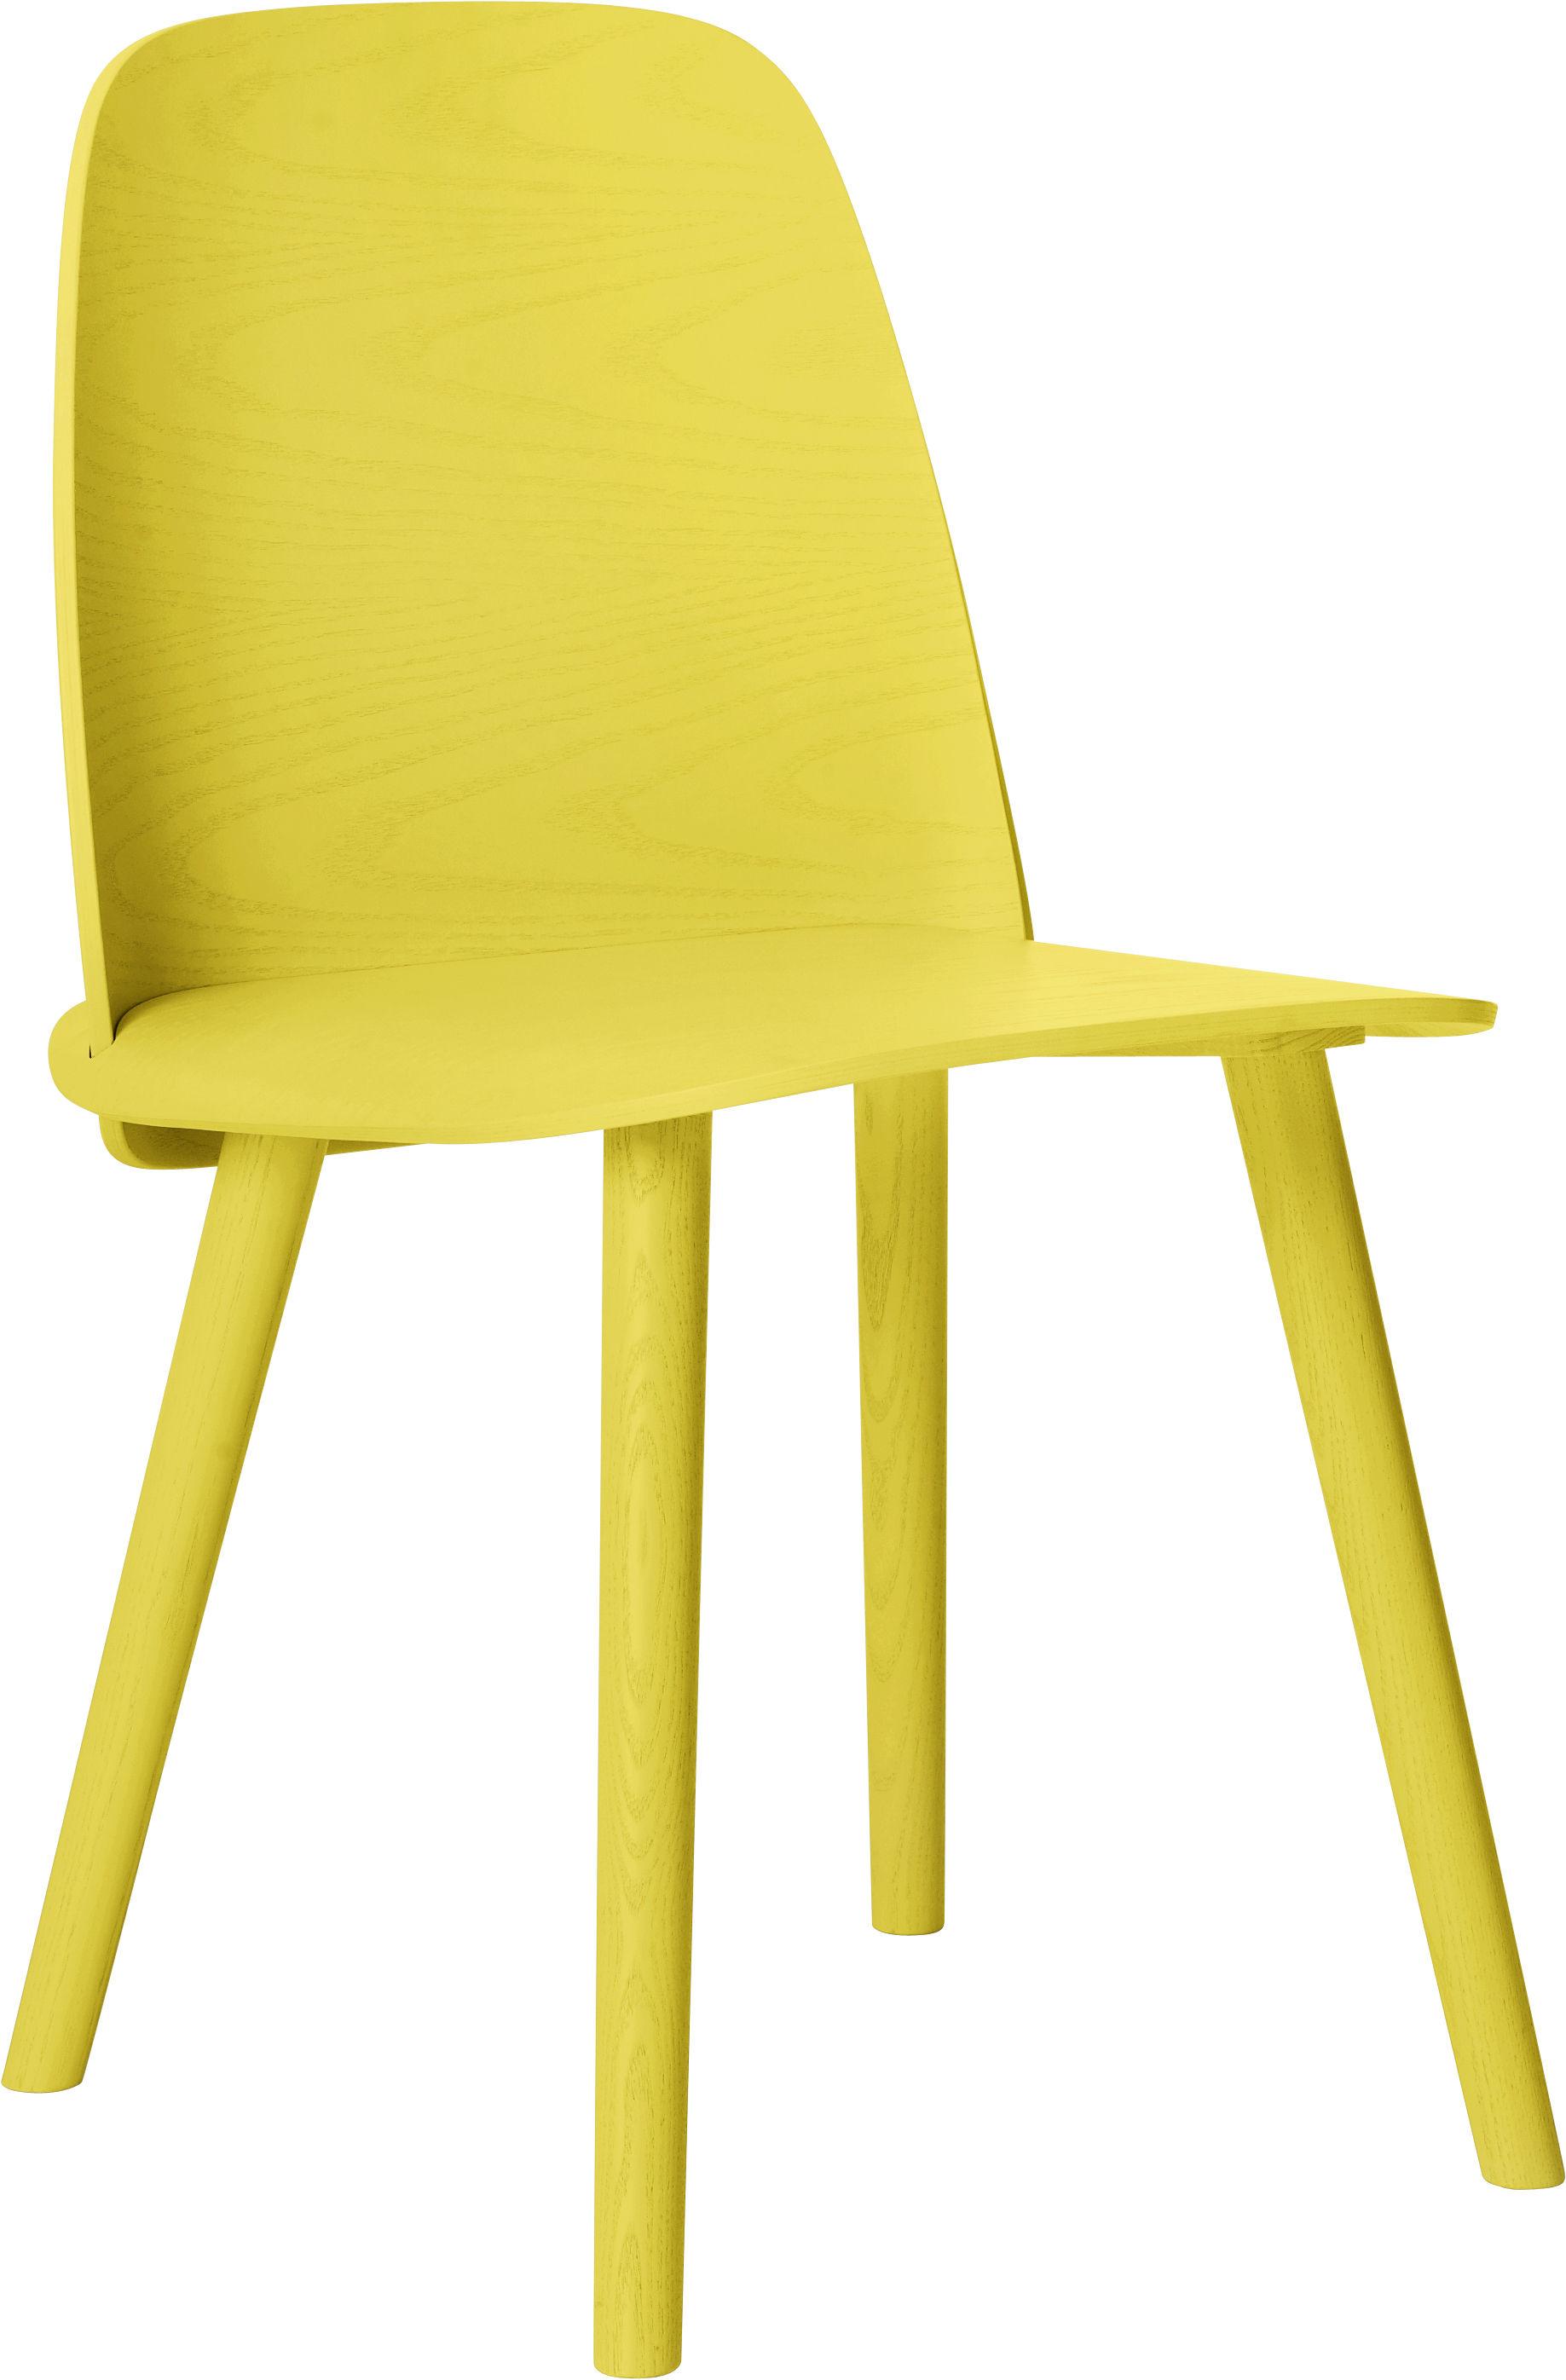 Scopri sedia nerd giallo di muuto made in design italia for Sedia ufficio gialla